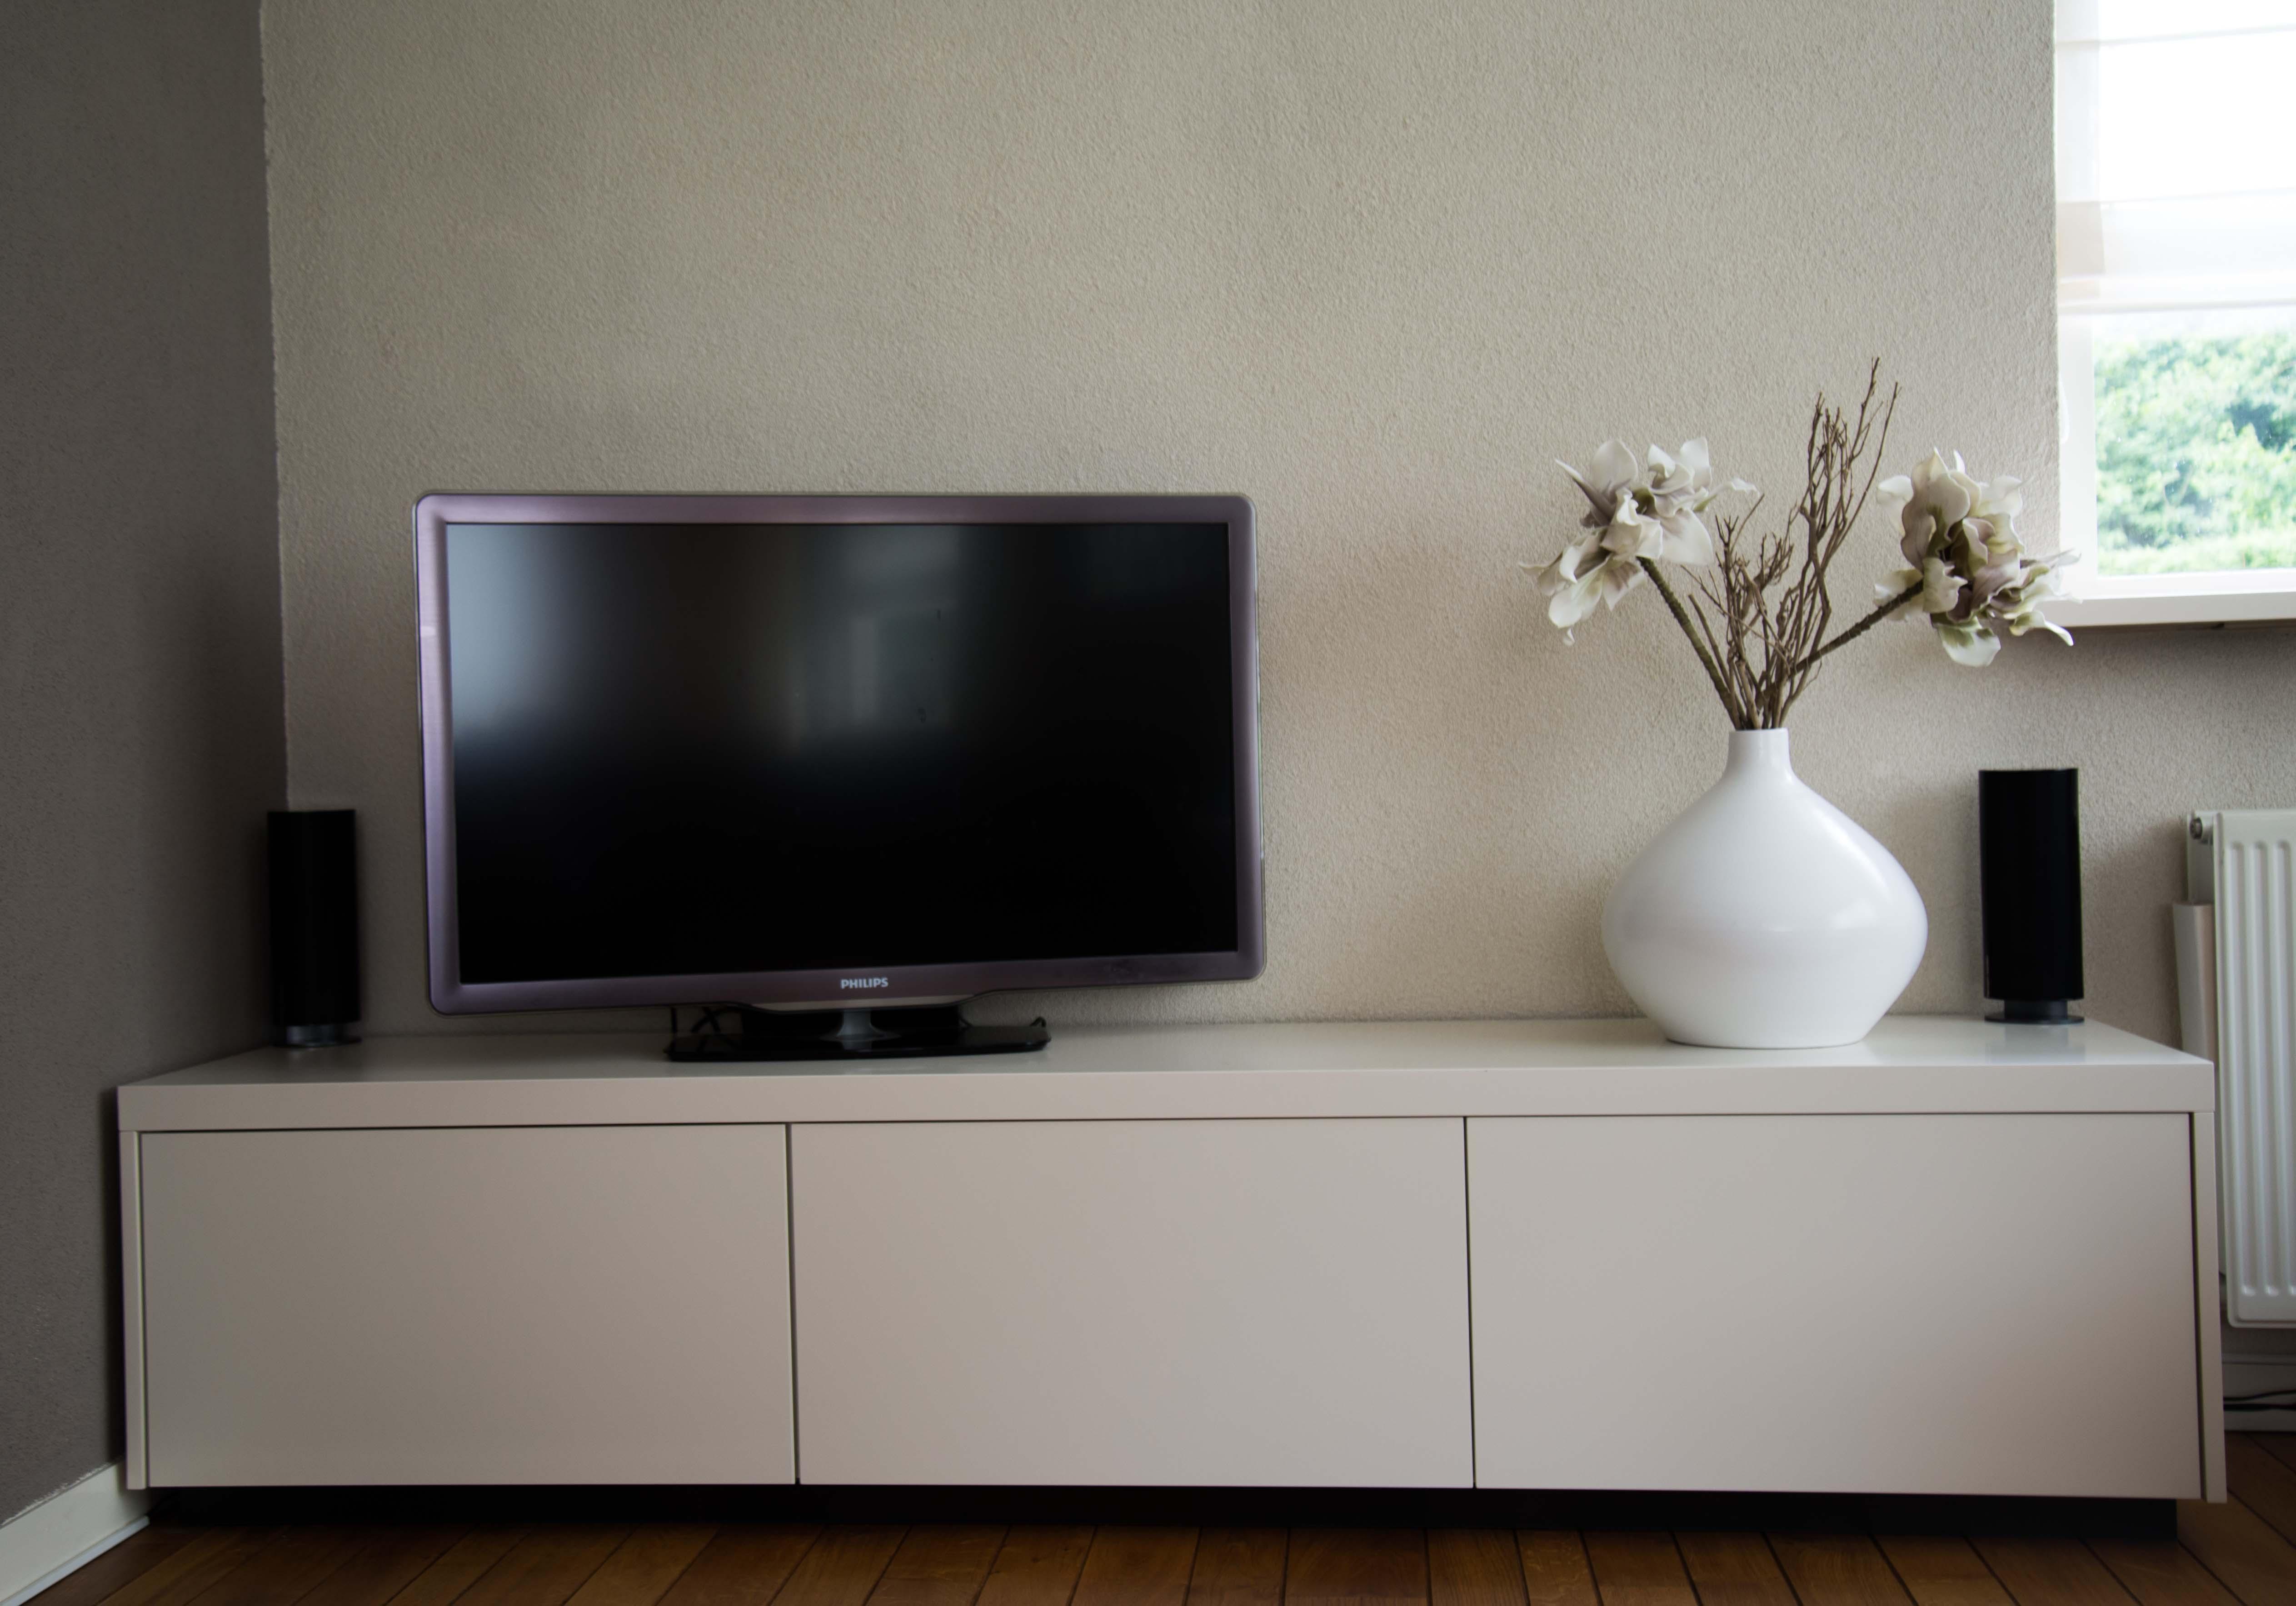 Witte Tv Kast Met Houten Blad.Maatwerk Witte Tv Kast Denise Kerkdriel Meubel Maatwerk